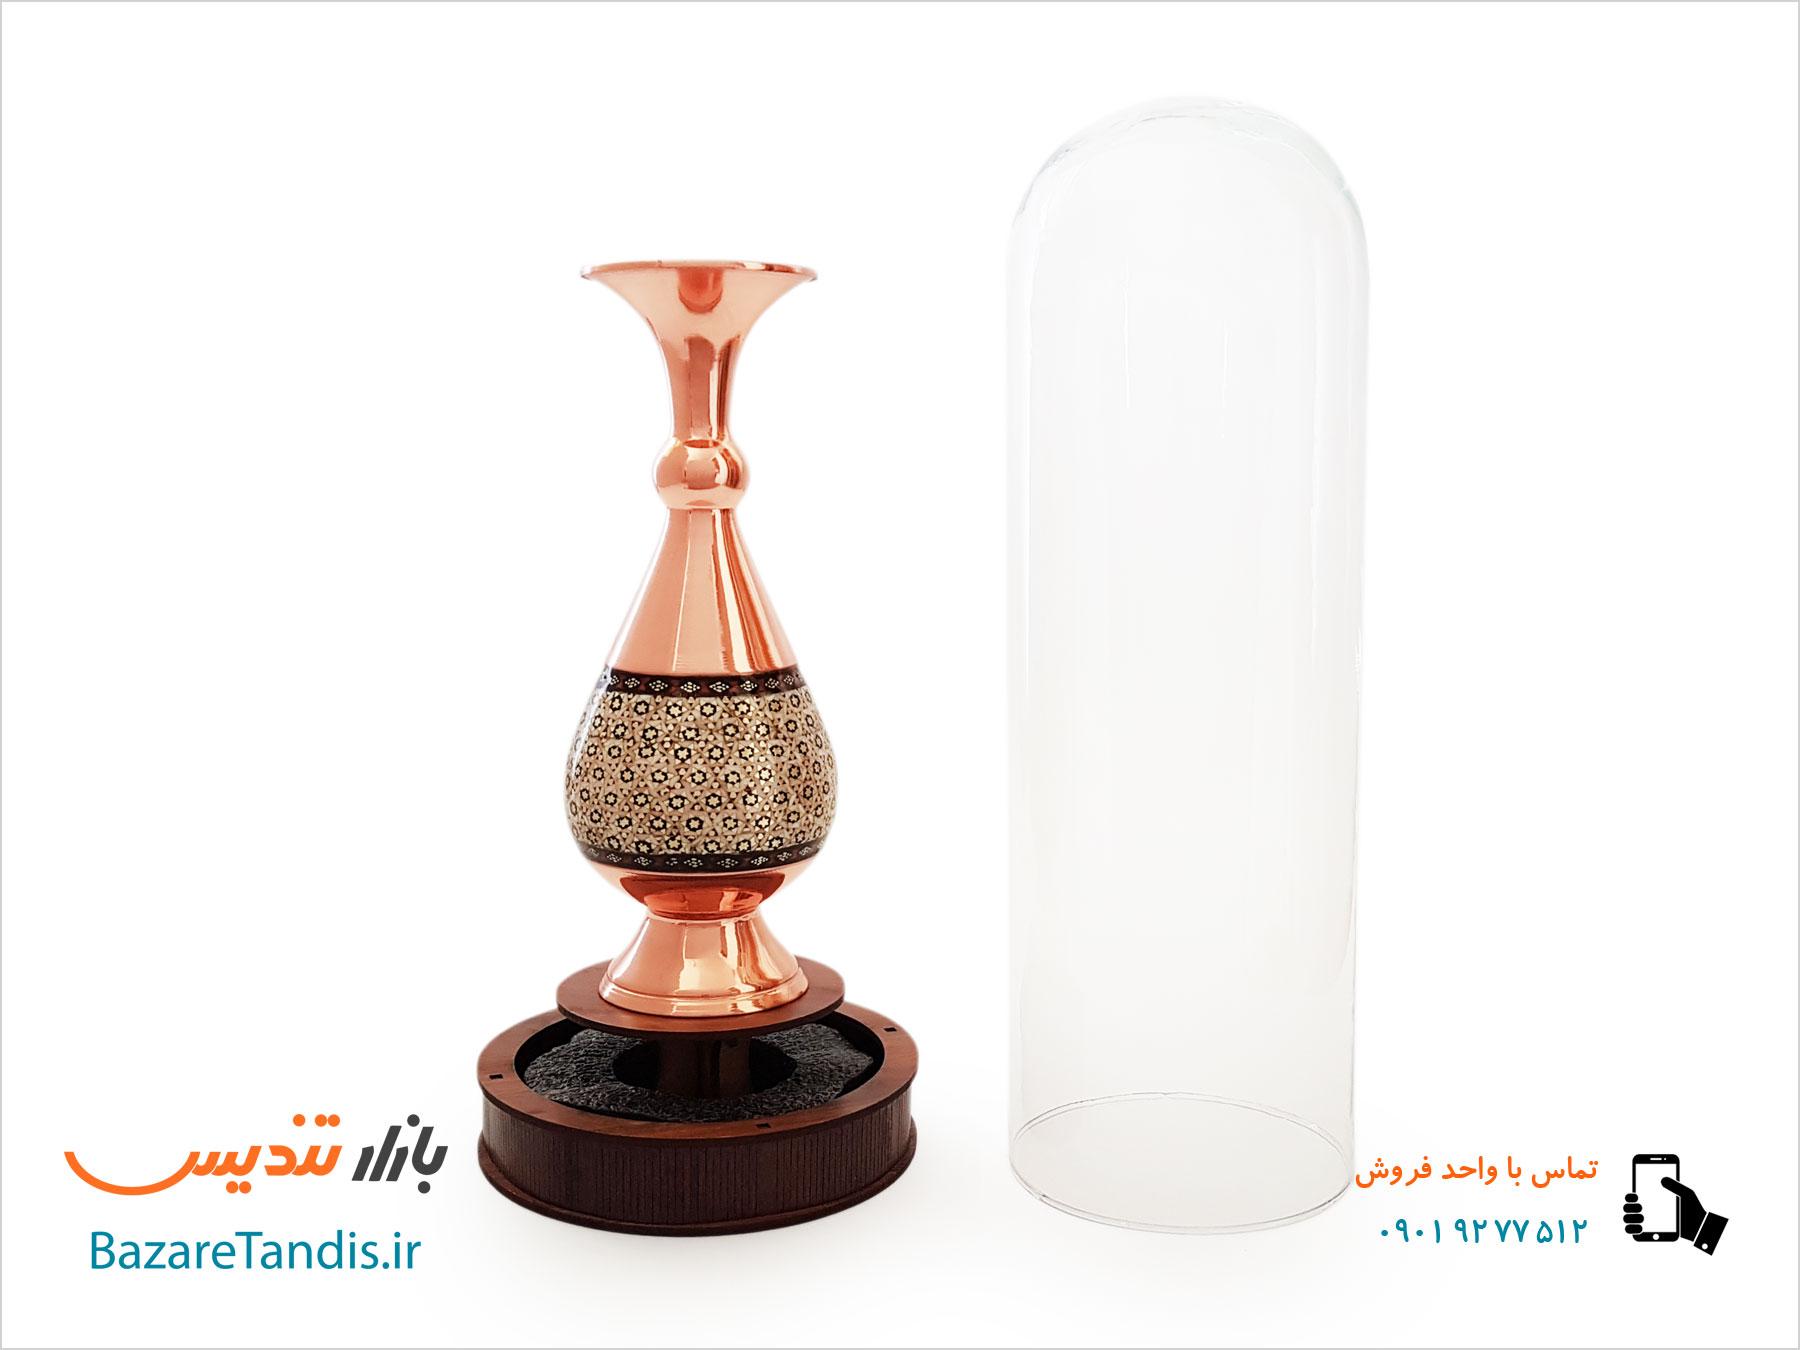 تندیس گلدان مس و خاتم با حباب شیشه ایی